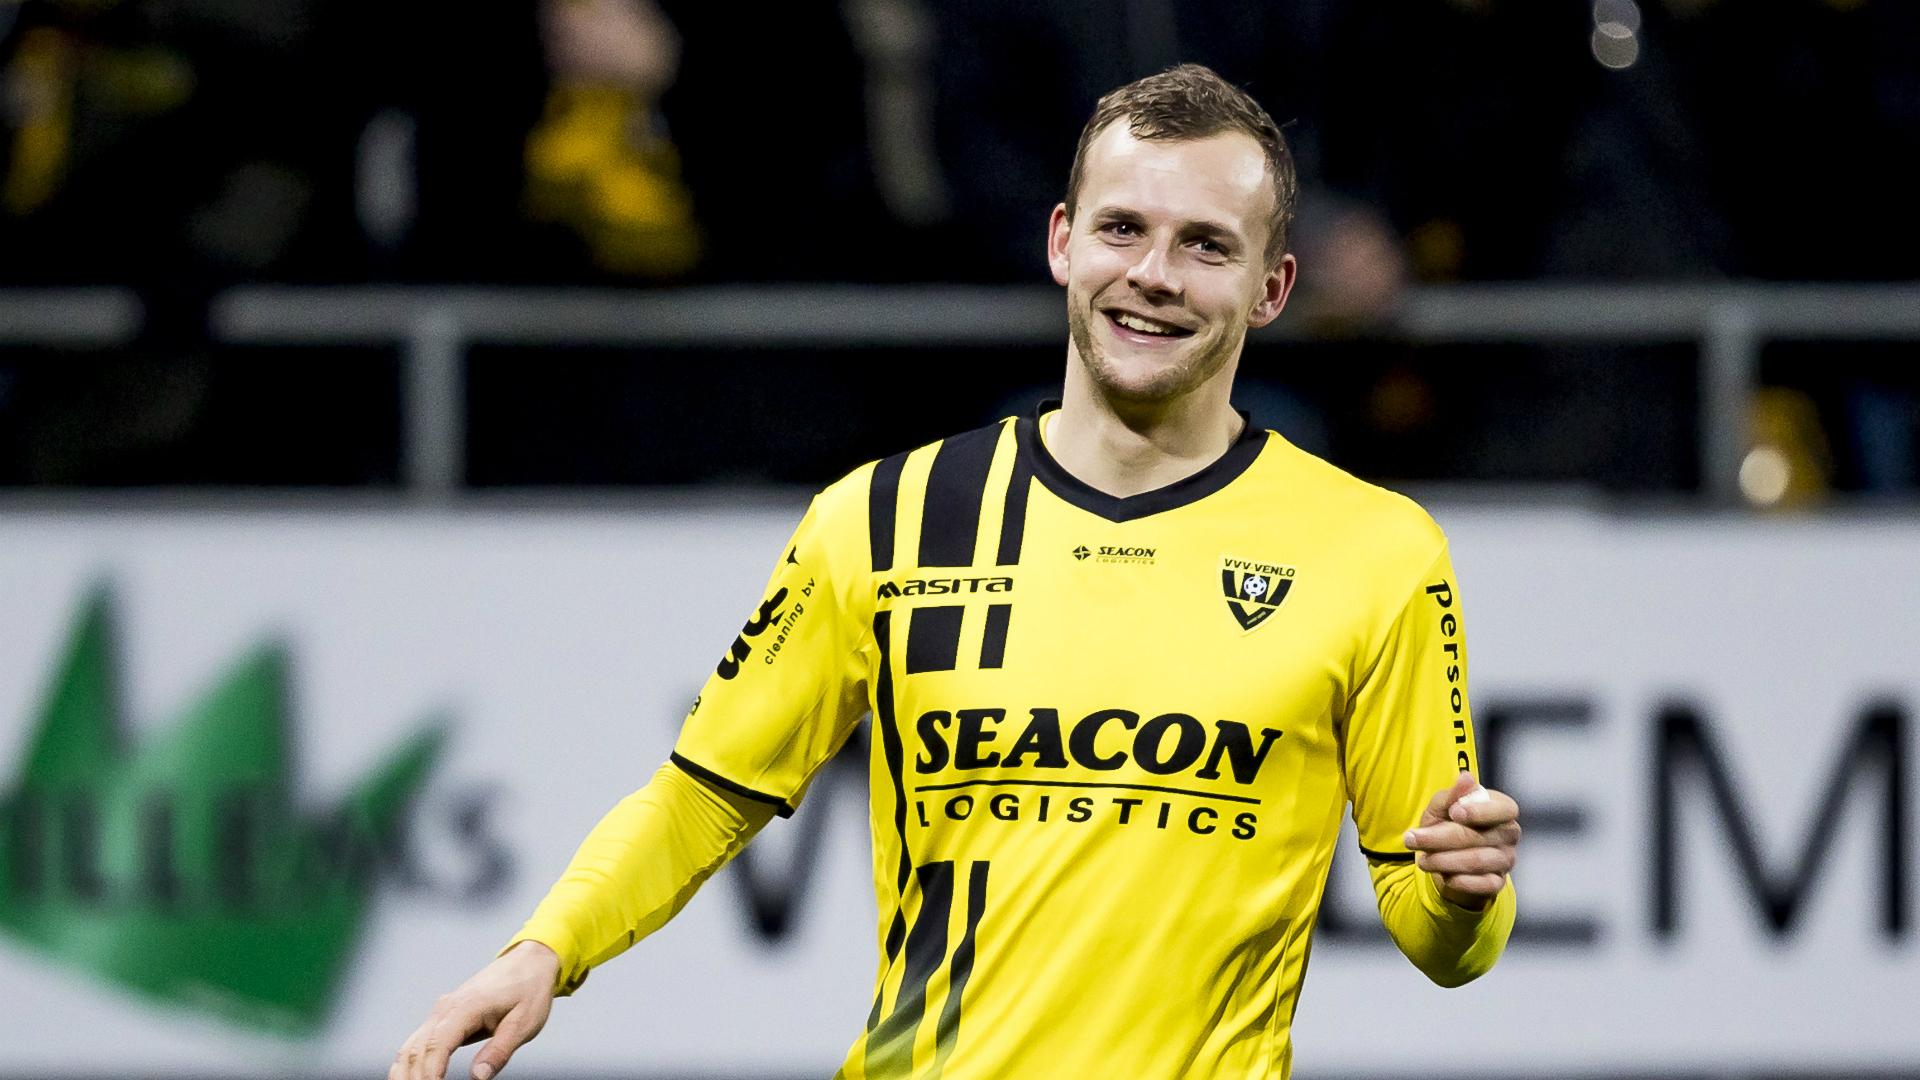 Wegen Blutspende für Leukämie-Patienten: Lennart Thy fehlt Venlo gegen Eindhoven